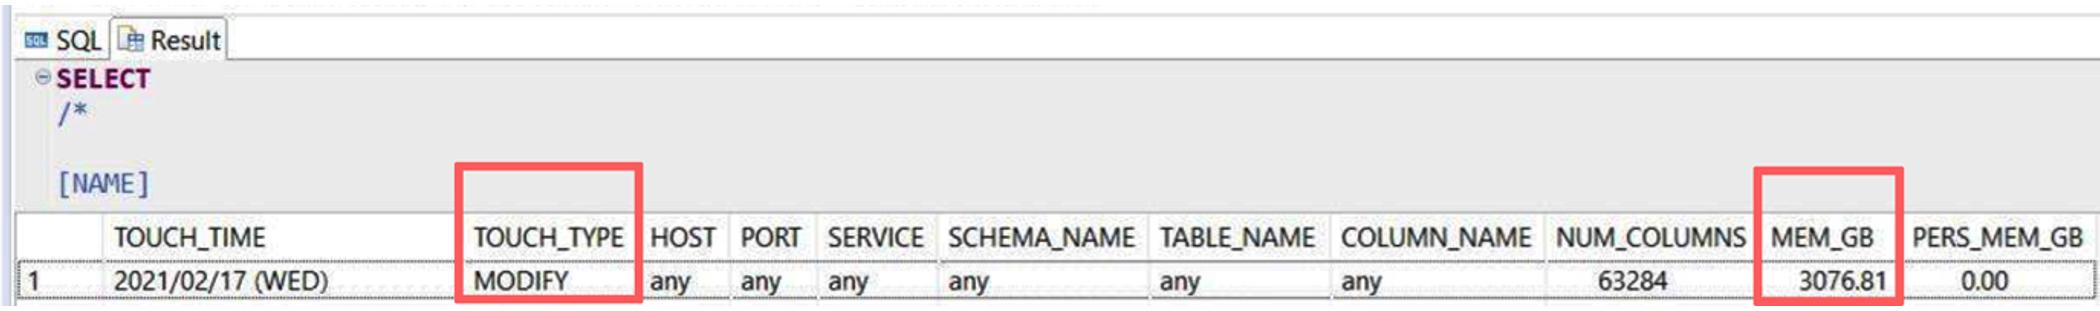 SQL Query output